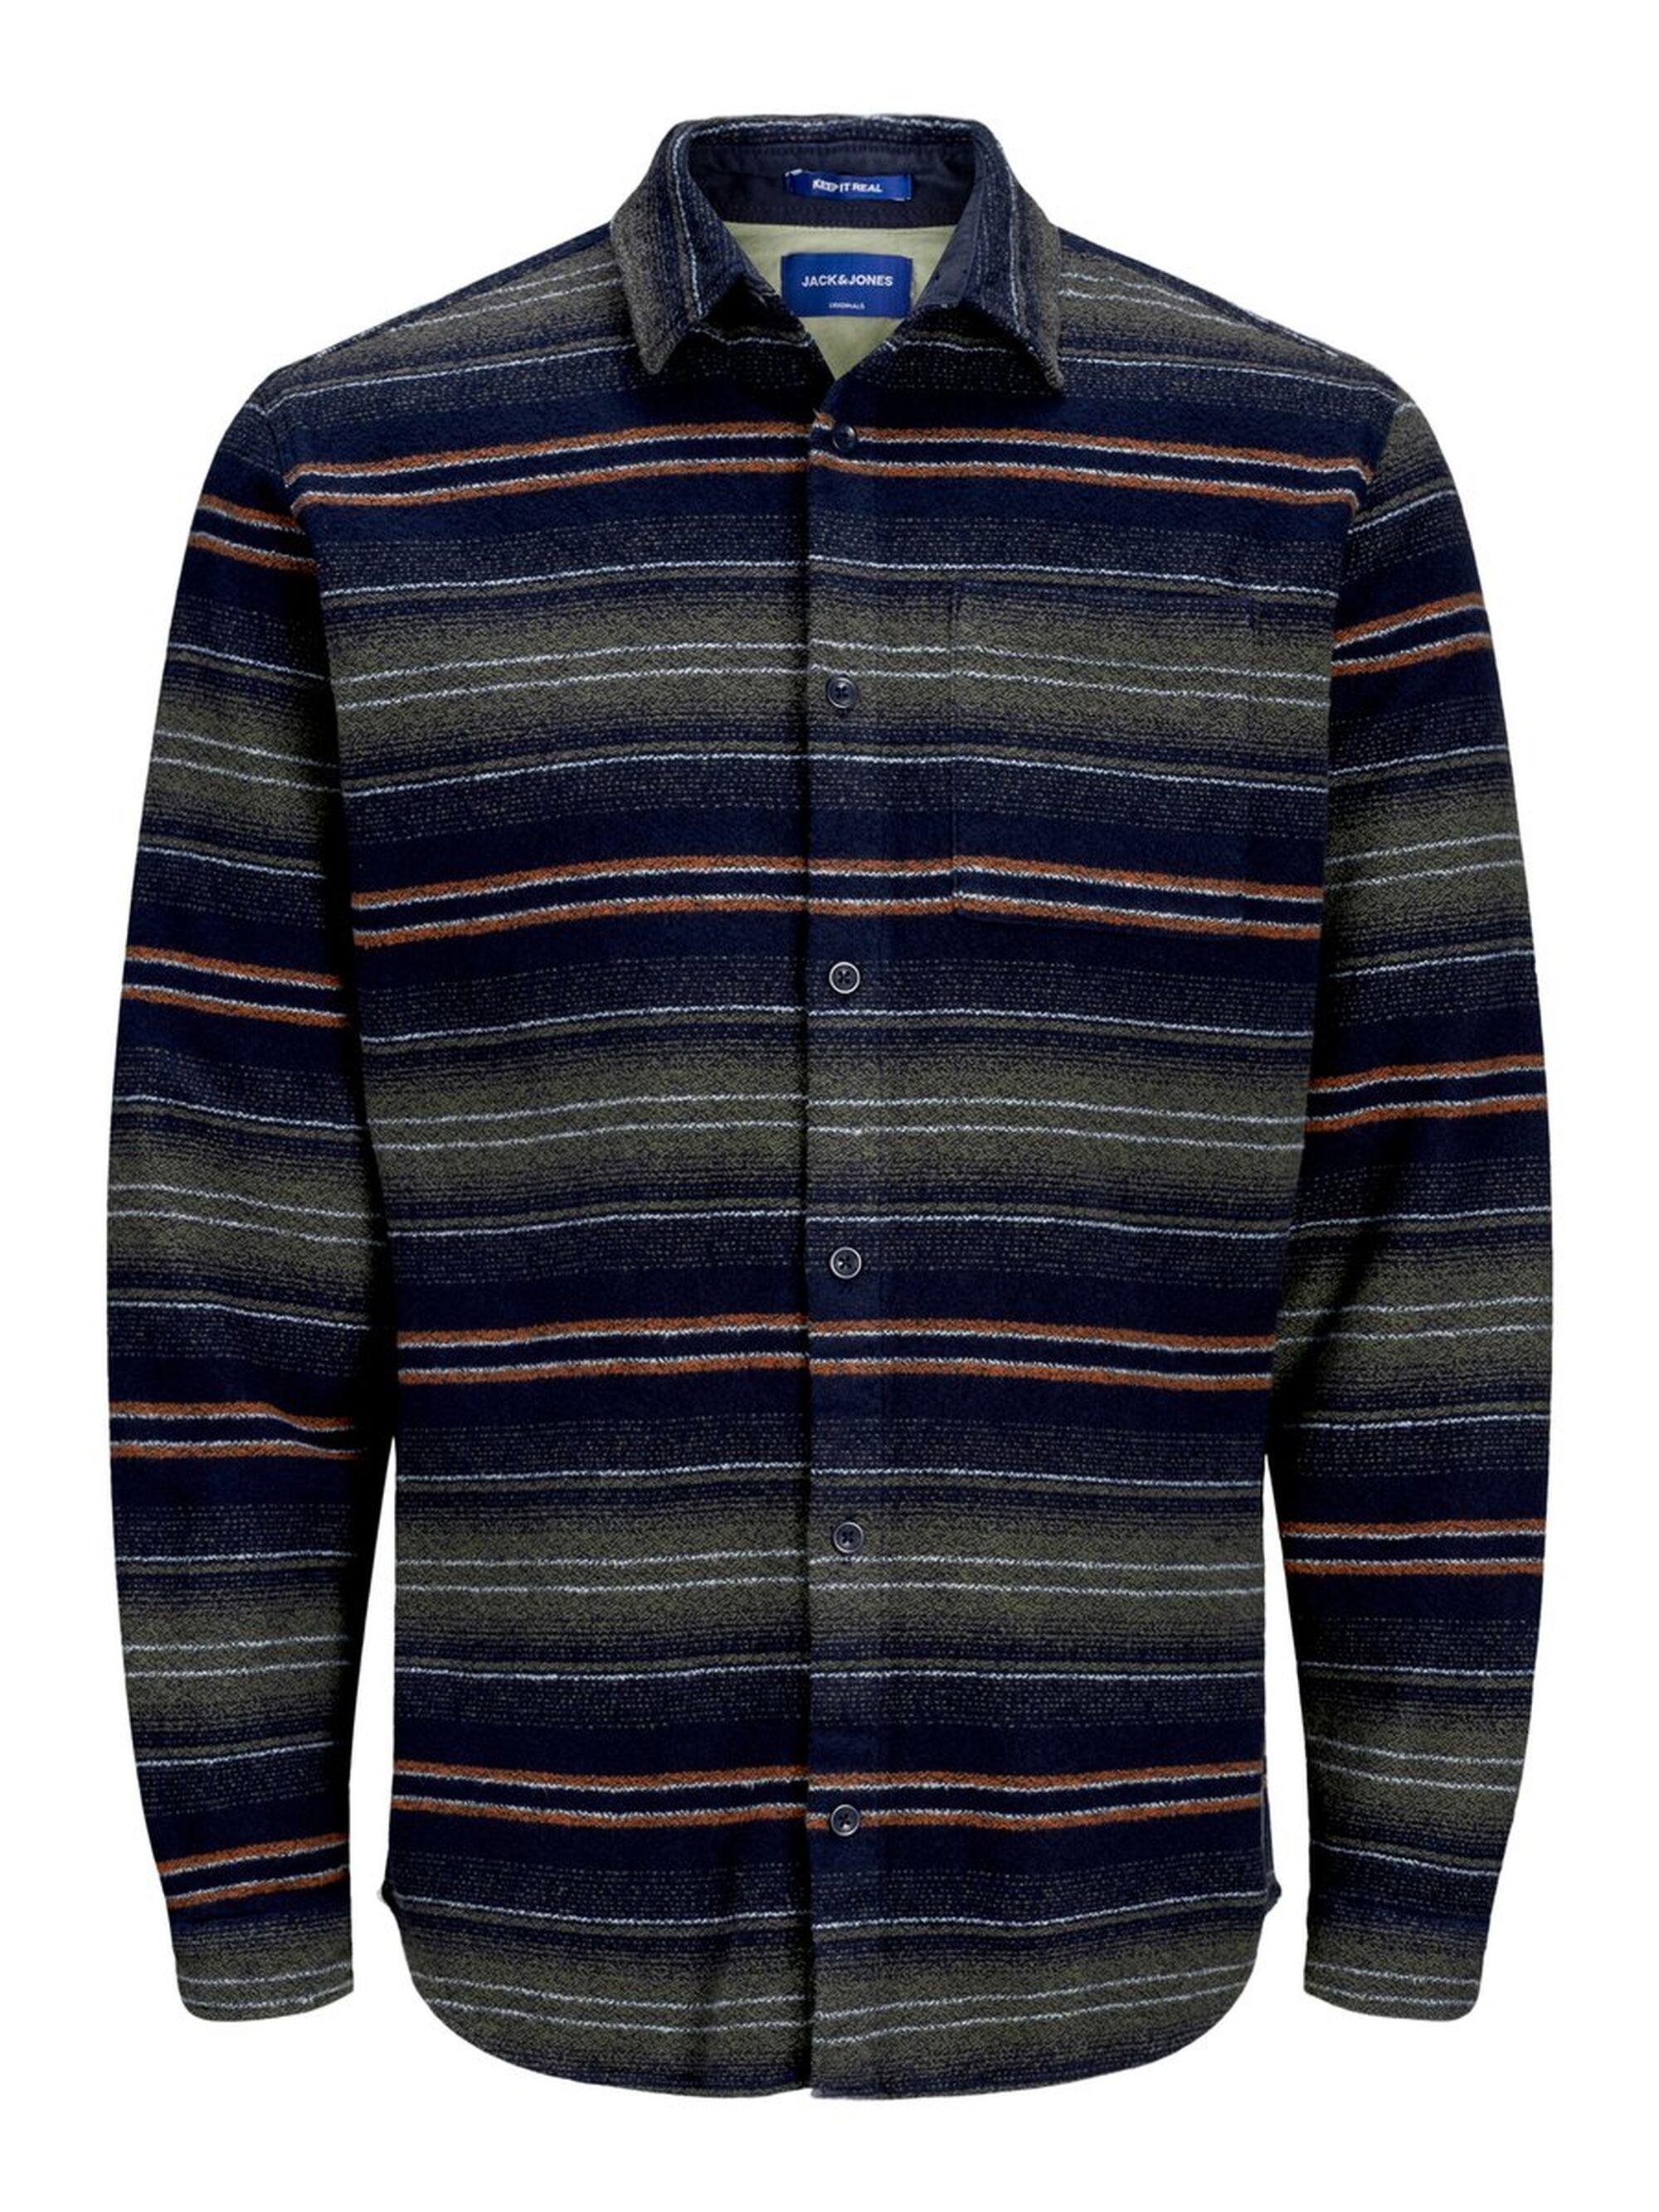 Jack & Jones Gestreept Jacquard Overhemd in het Blauw voor heren